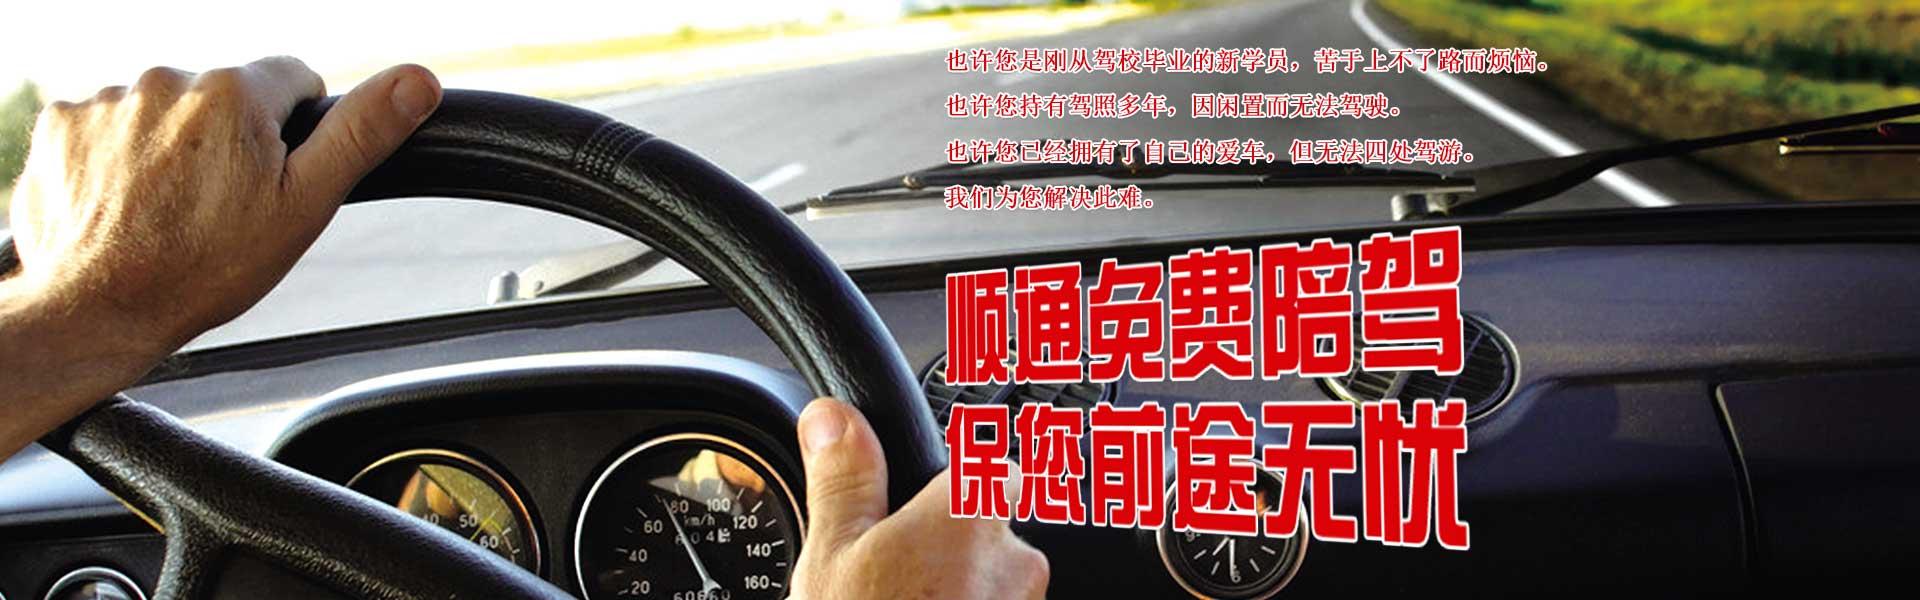 烟台驾校,烟台驾校陪练哪家好,烟台开发区学车多少钱